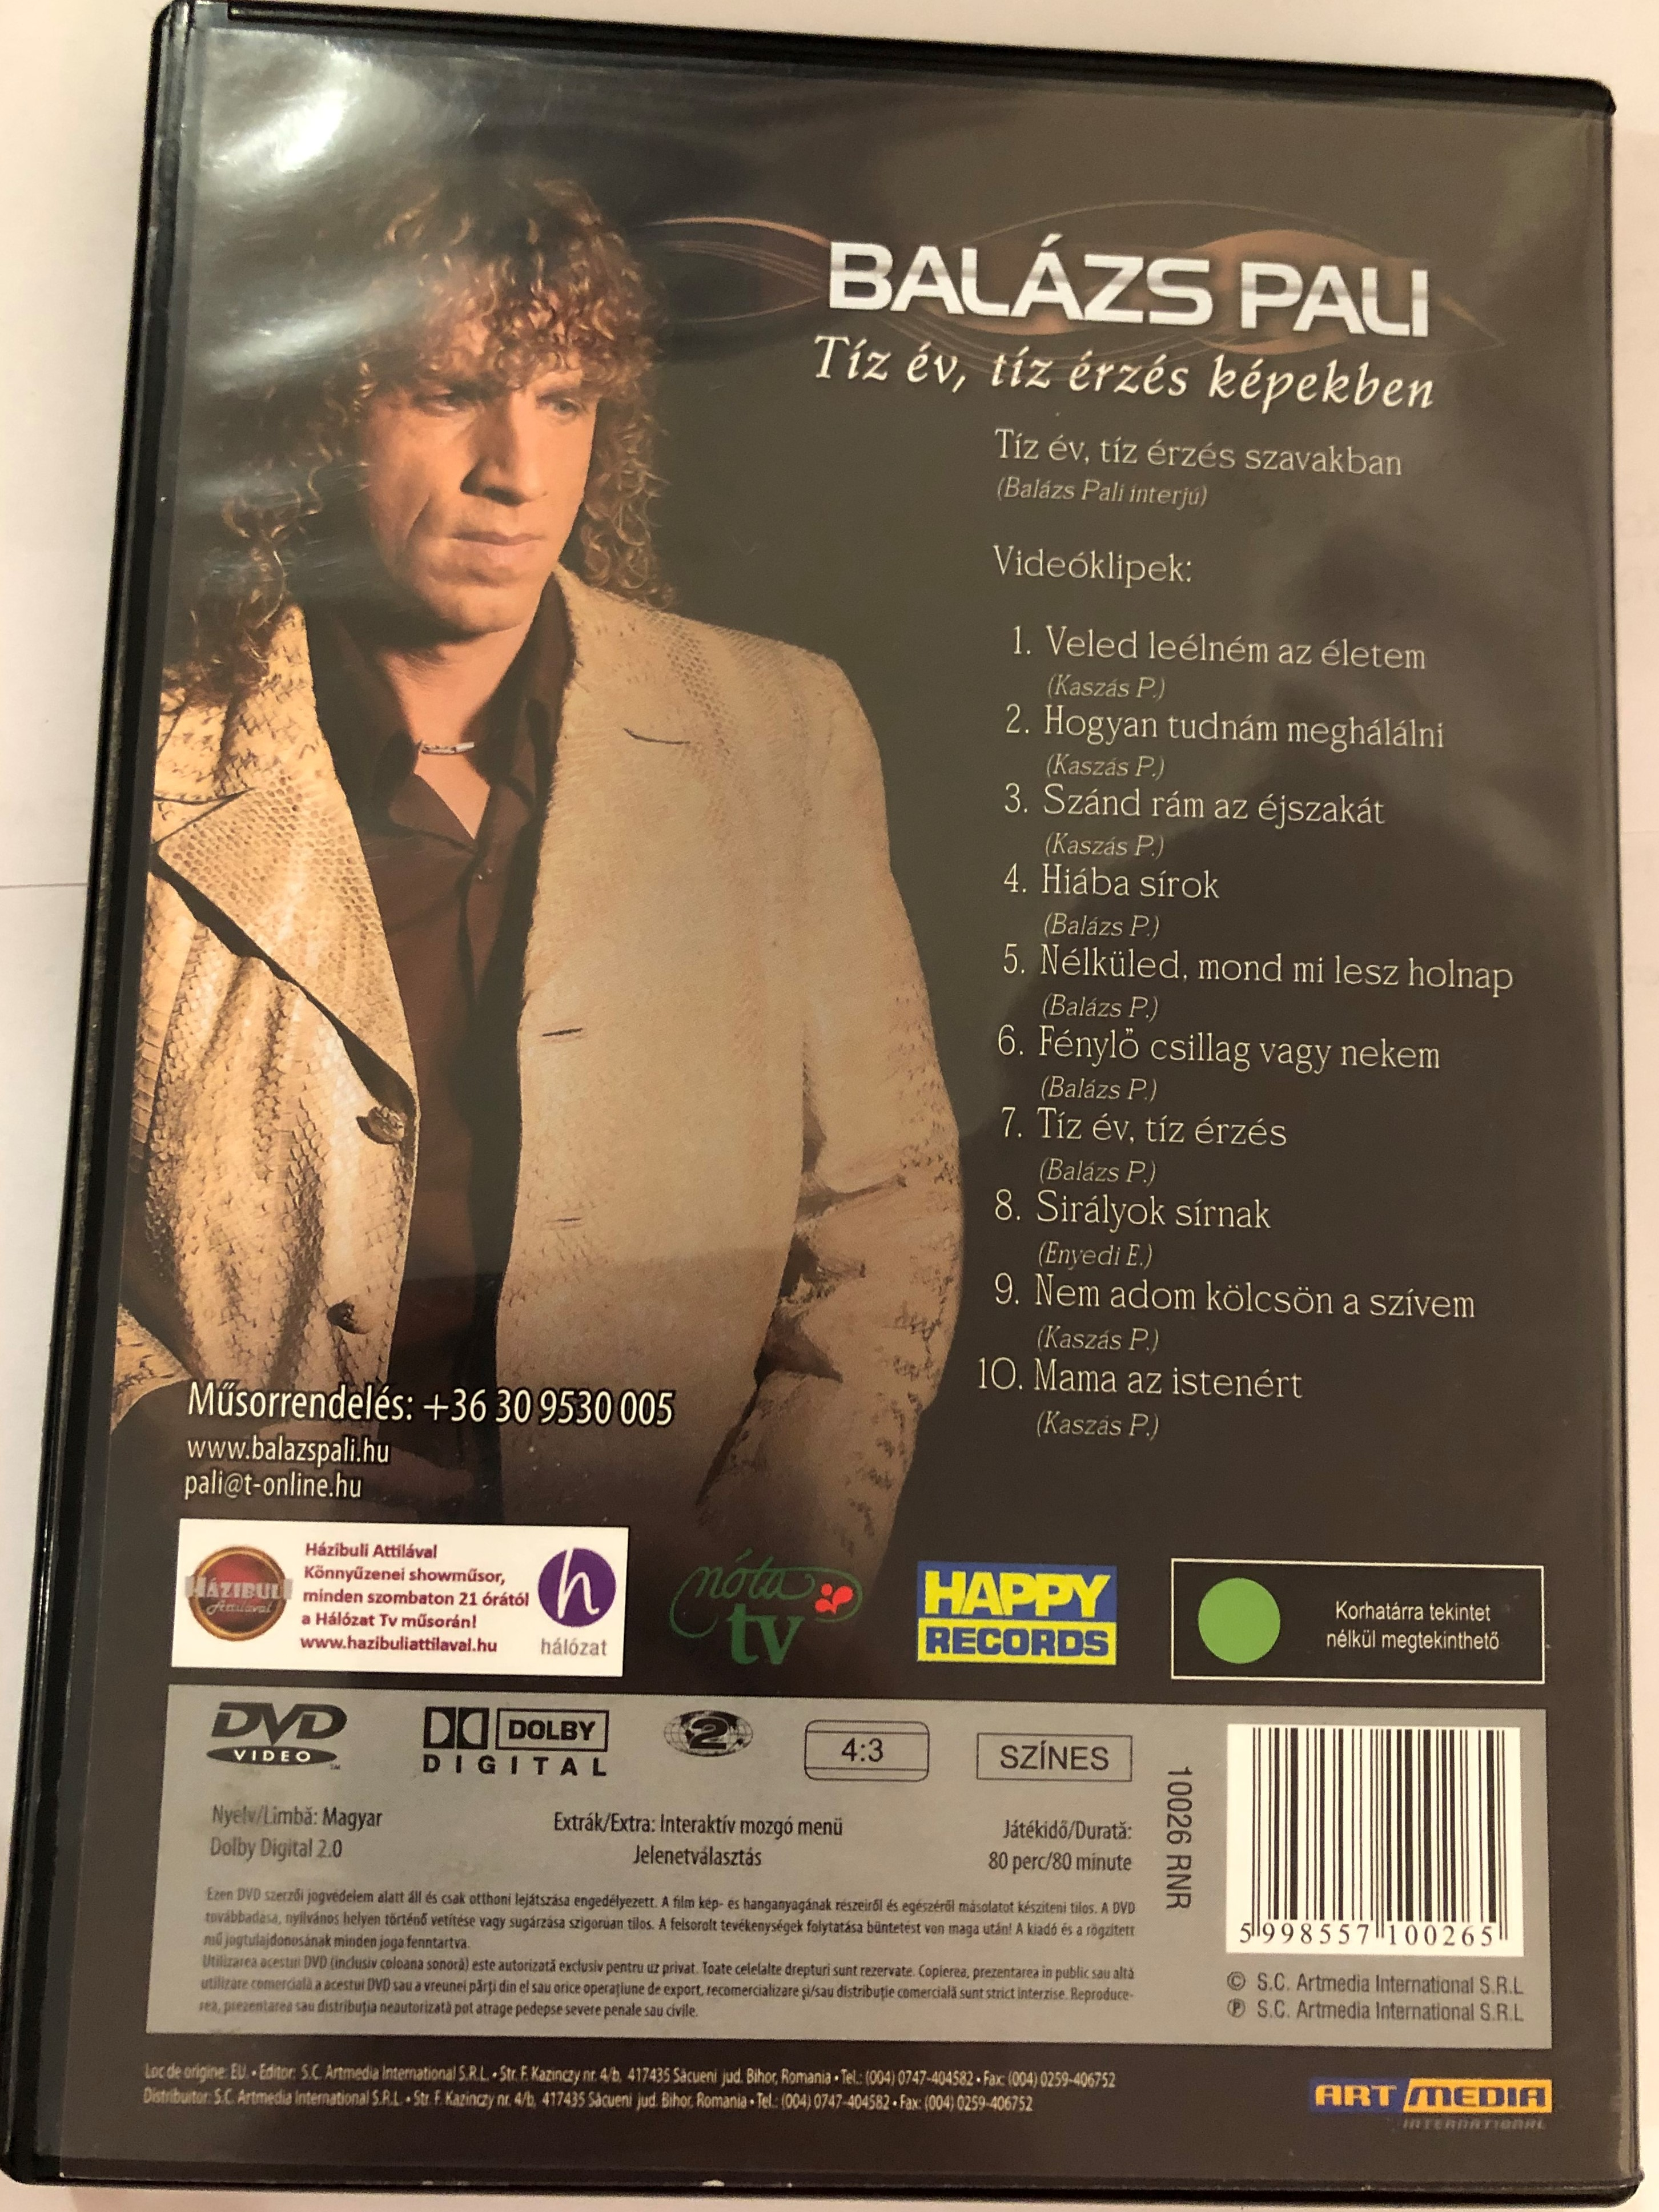 bal-zs-pali-t-z-v-t-z-rz-s-k-pekben-dvd-bal-zs-pali-interj-vide-klipek-2.jpg